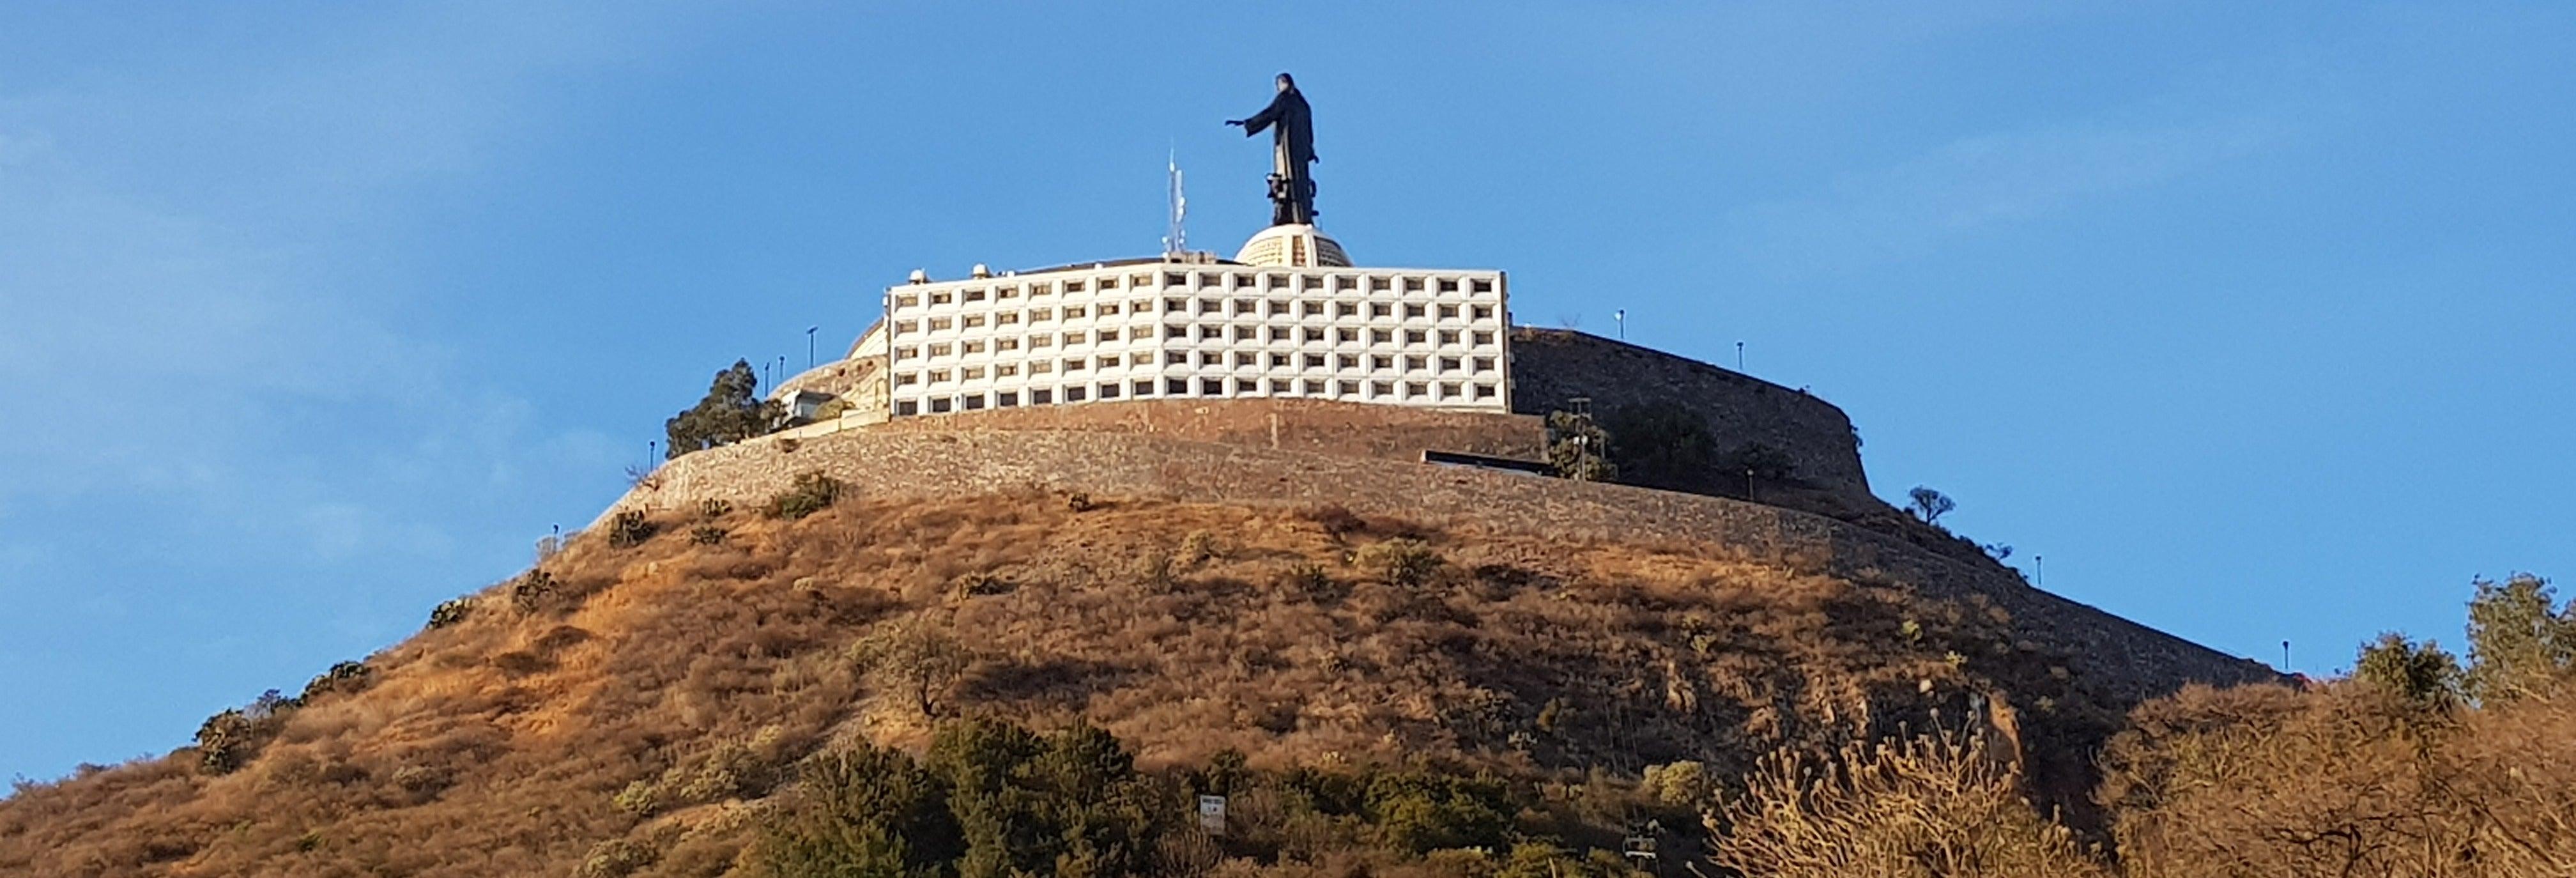 Excursión al Cerro del Cubilete y el monumento a Cristo Rey